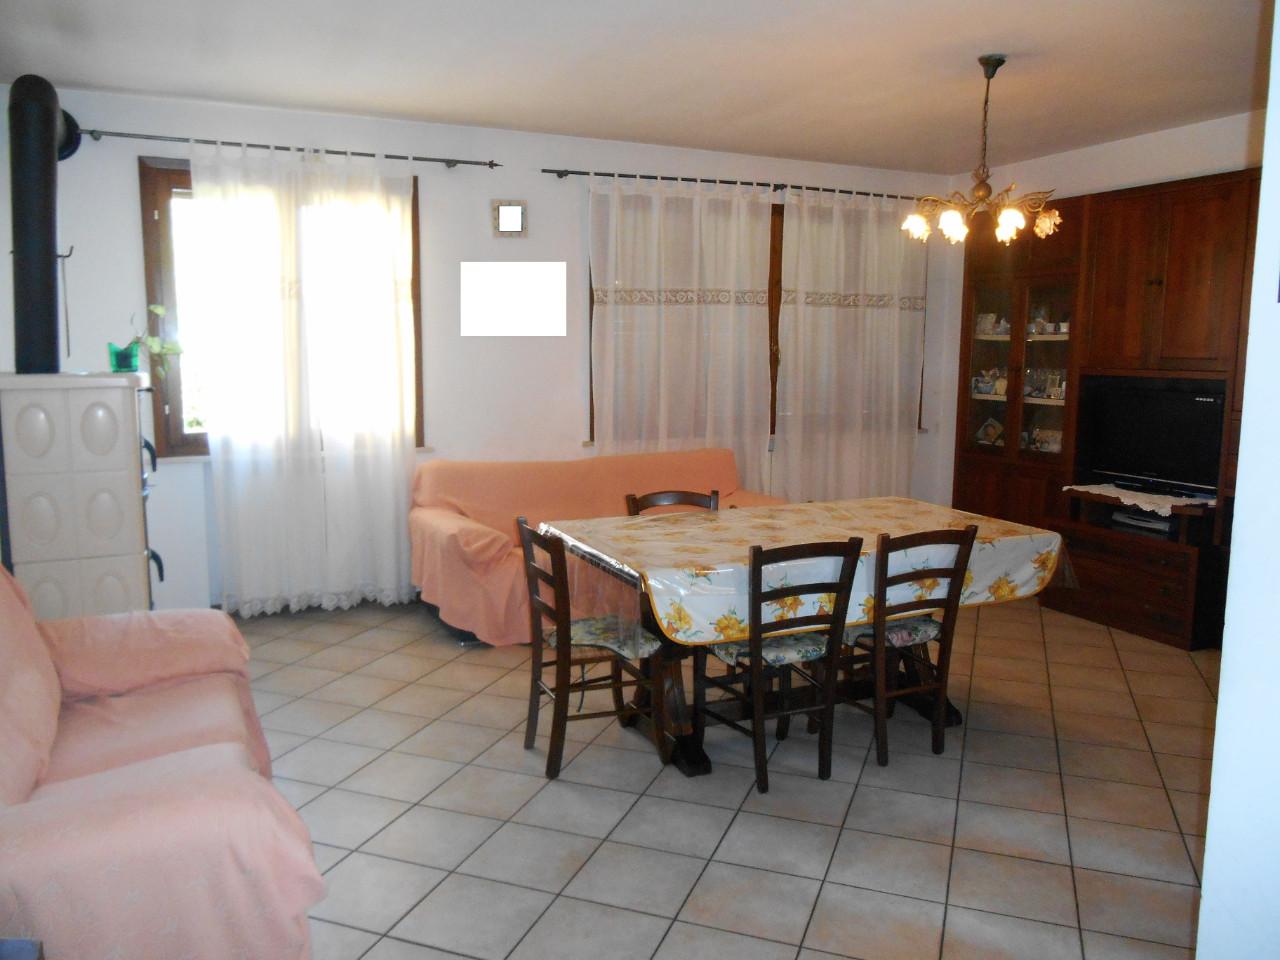 Appartamento in vendita Poggio Torriana